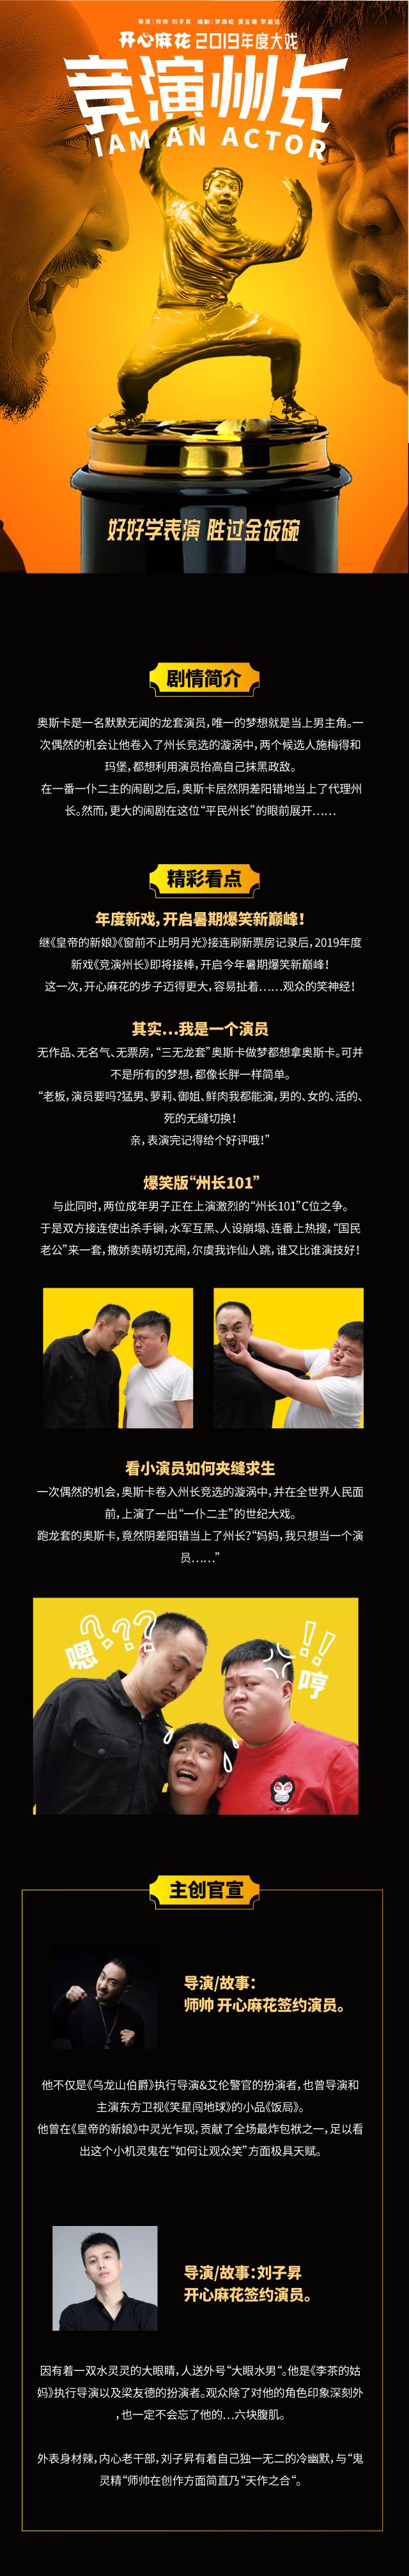 【上海站】开心麻花年度大戏《竞演州长》